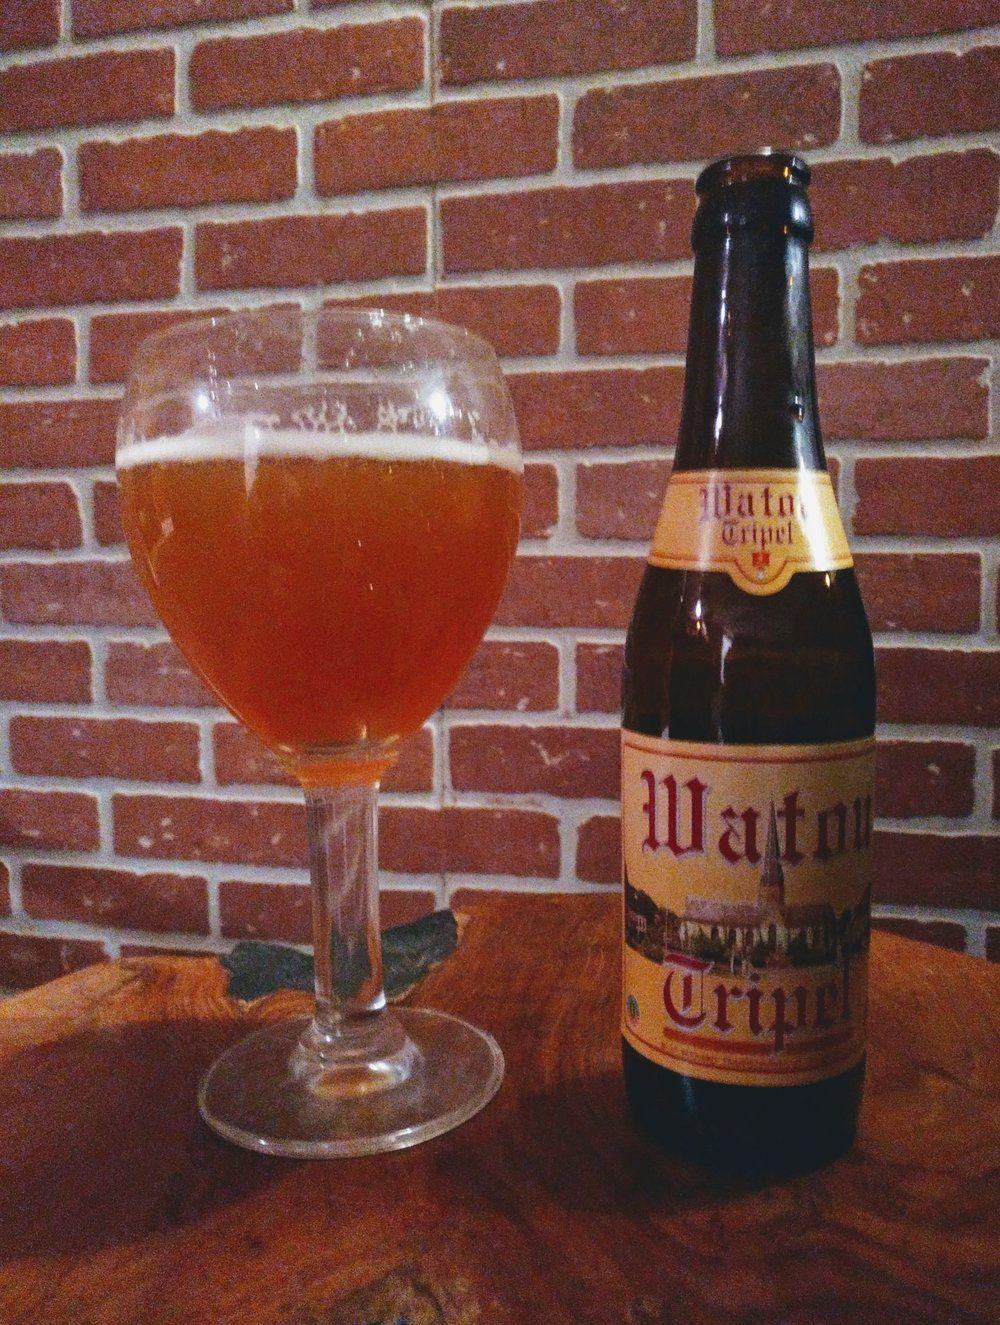 Watou Tripel Corona Beer Bottle Beer Beer Bottle